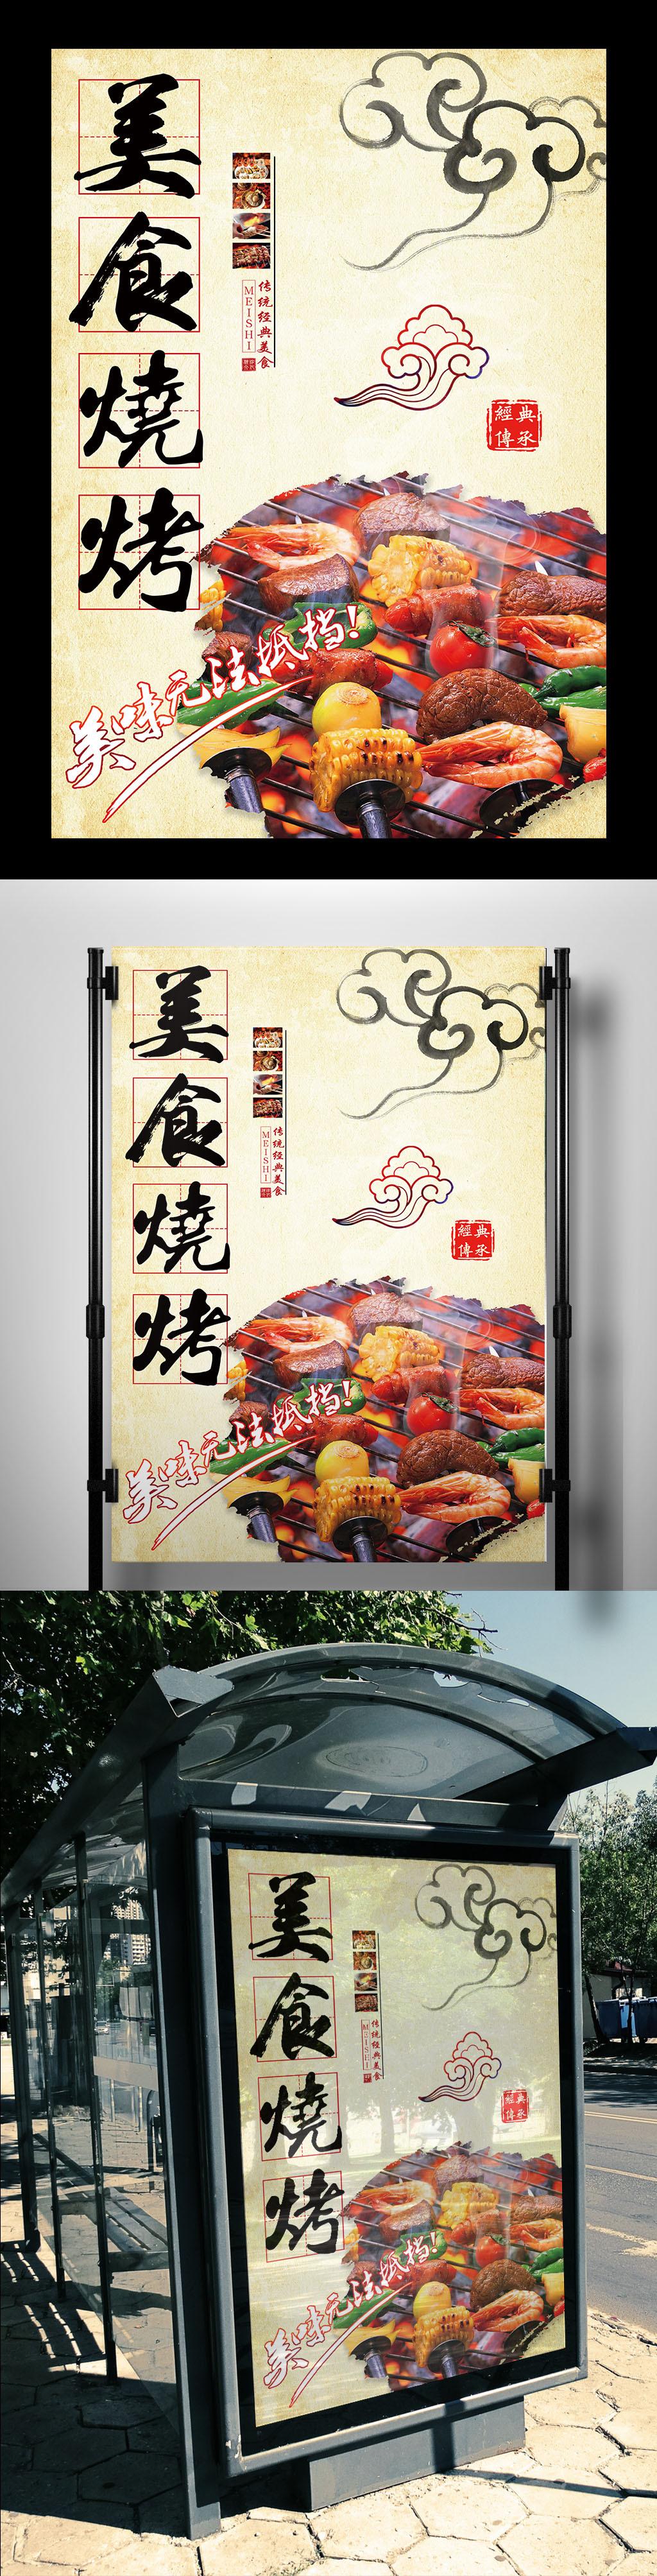 平面|广告设计 海报设计 pop海报 > 复古烧烤特色烧烤宣传海报psd模板